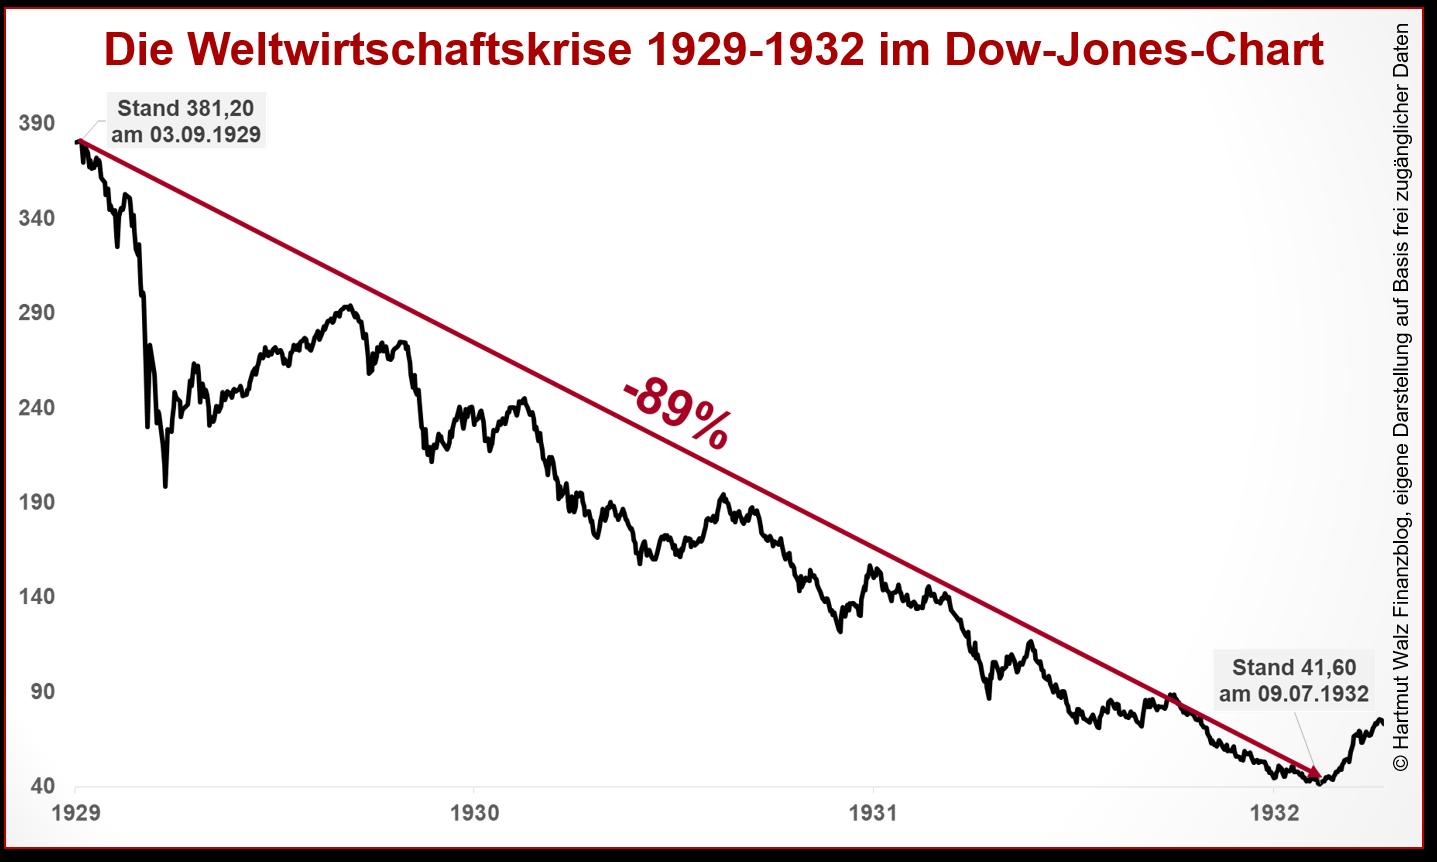 Die Weltwirtschaftskrise 1929-1932 im Dow-Jones-Chart